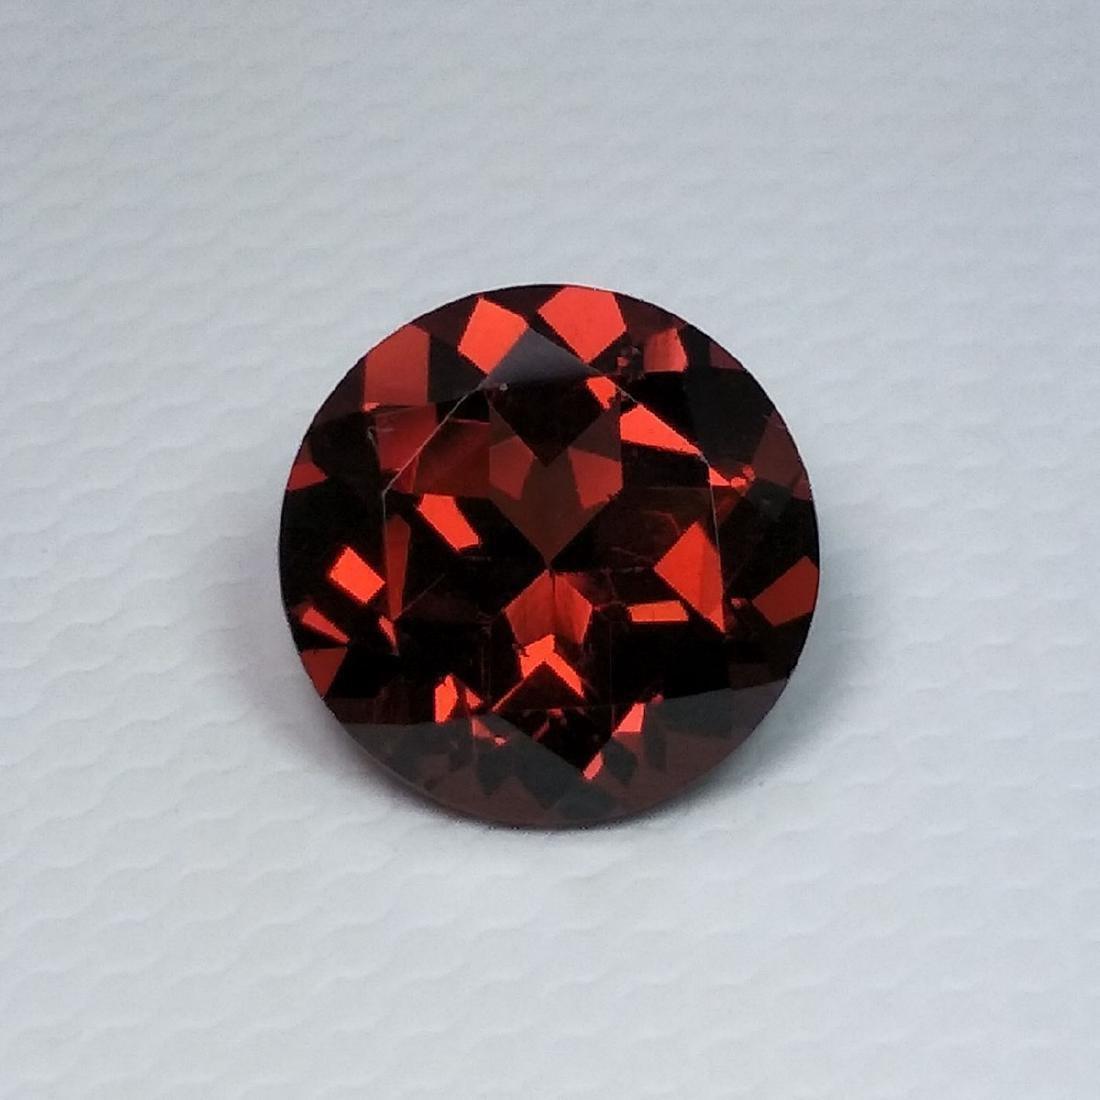 2.28 Carat Loose Pyrope - Almandite Red Garnet - 3